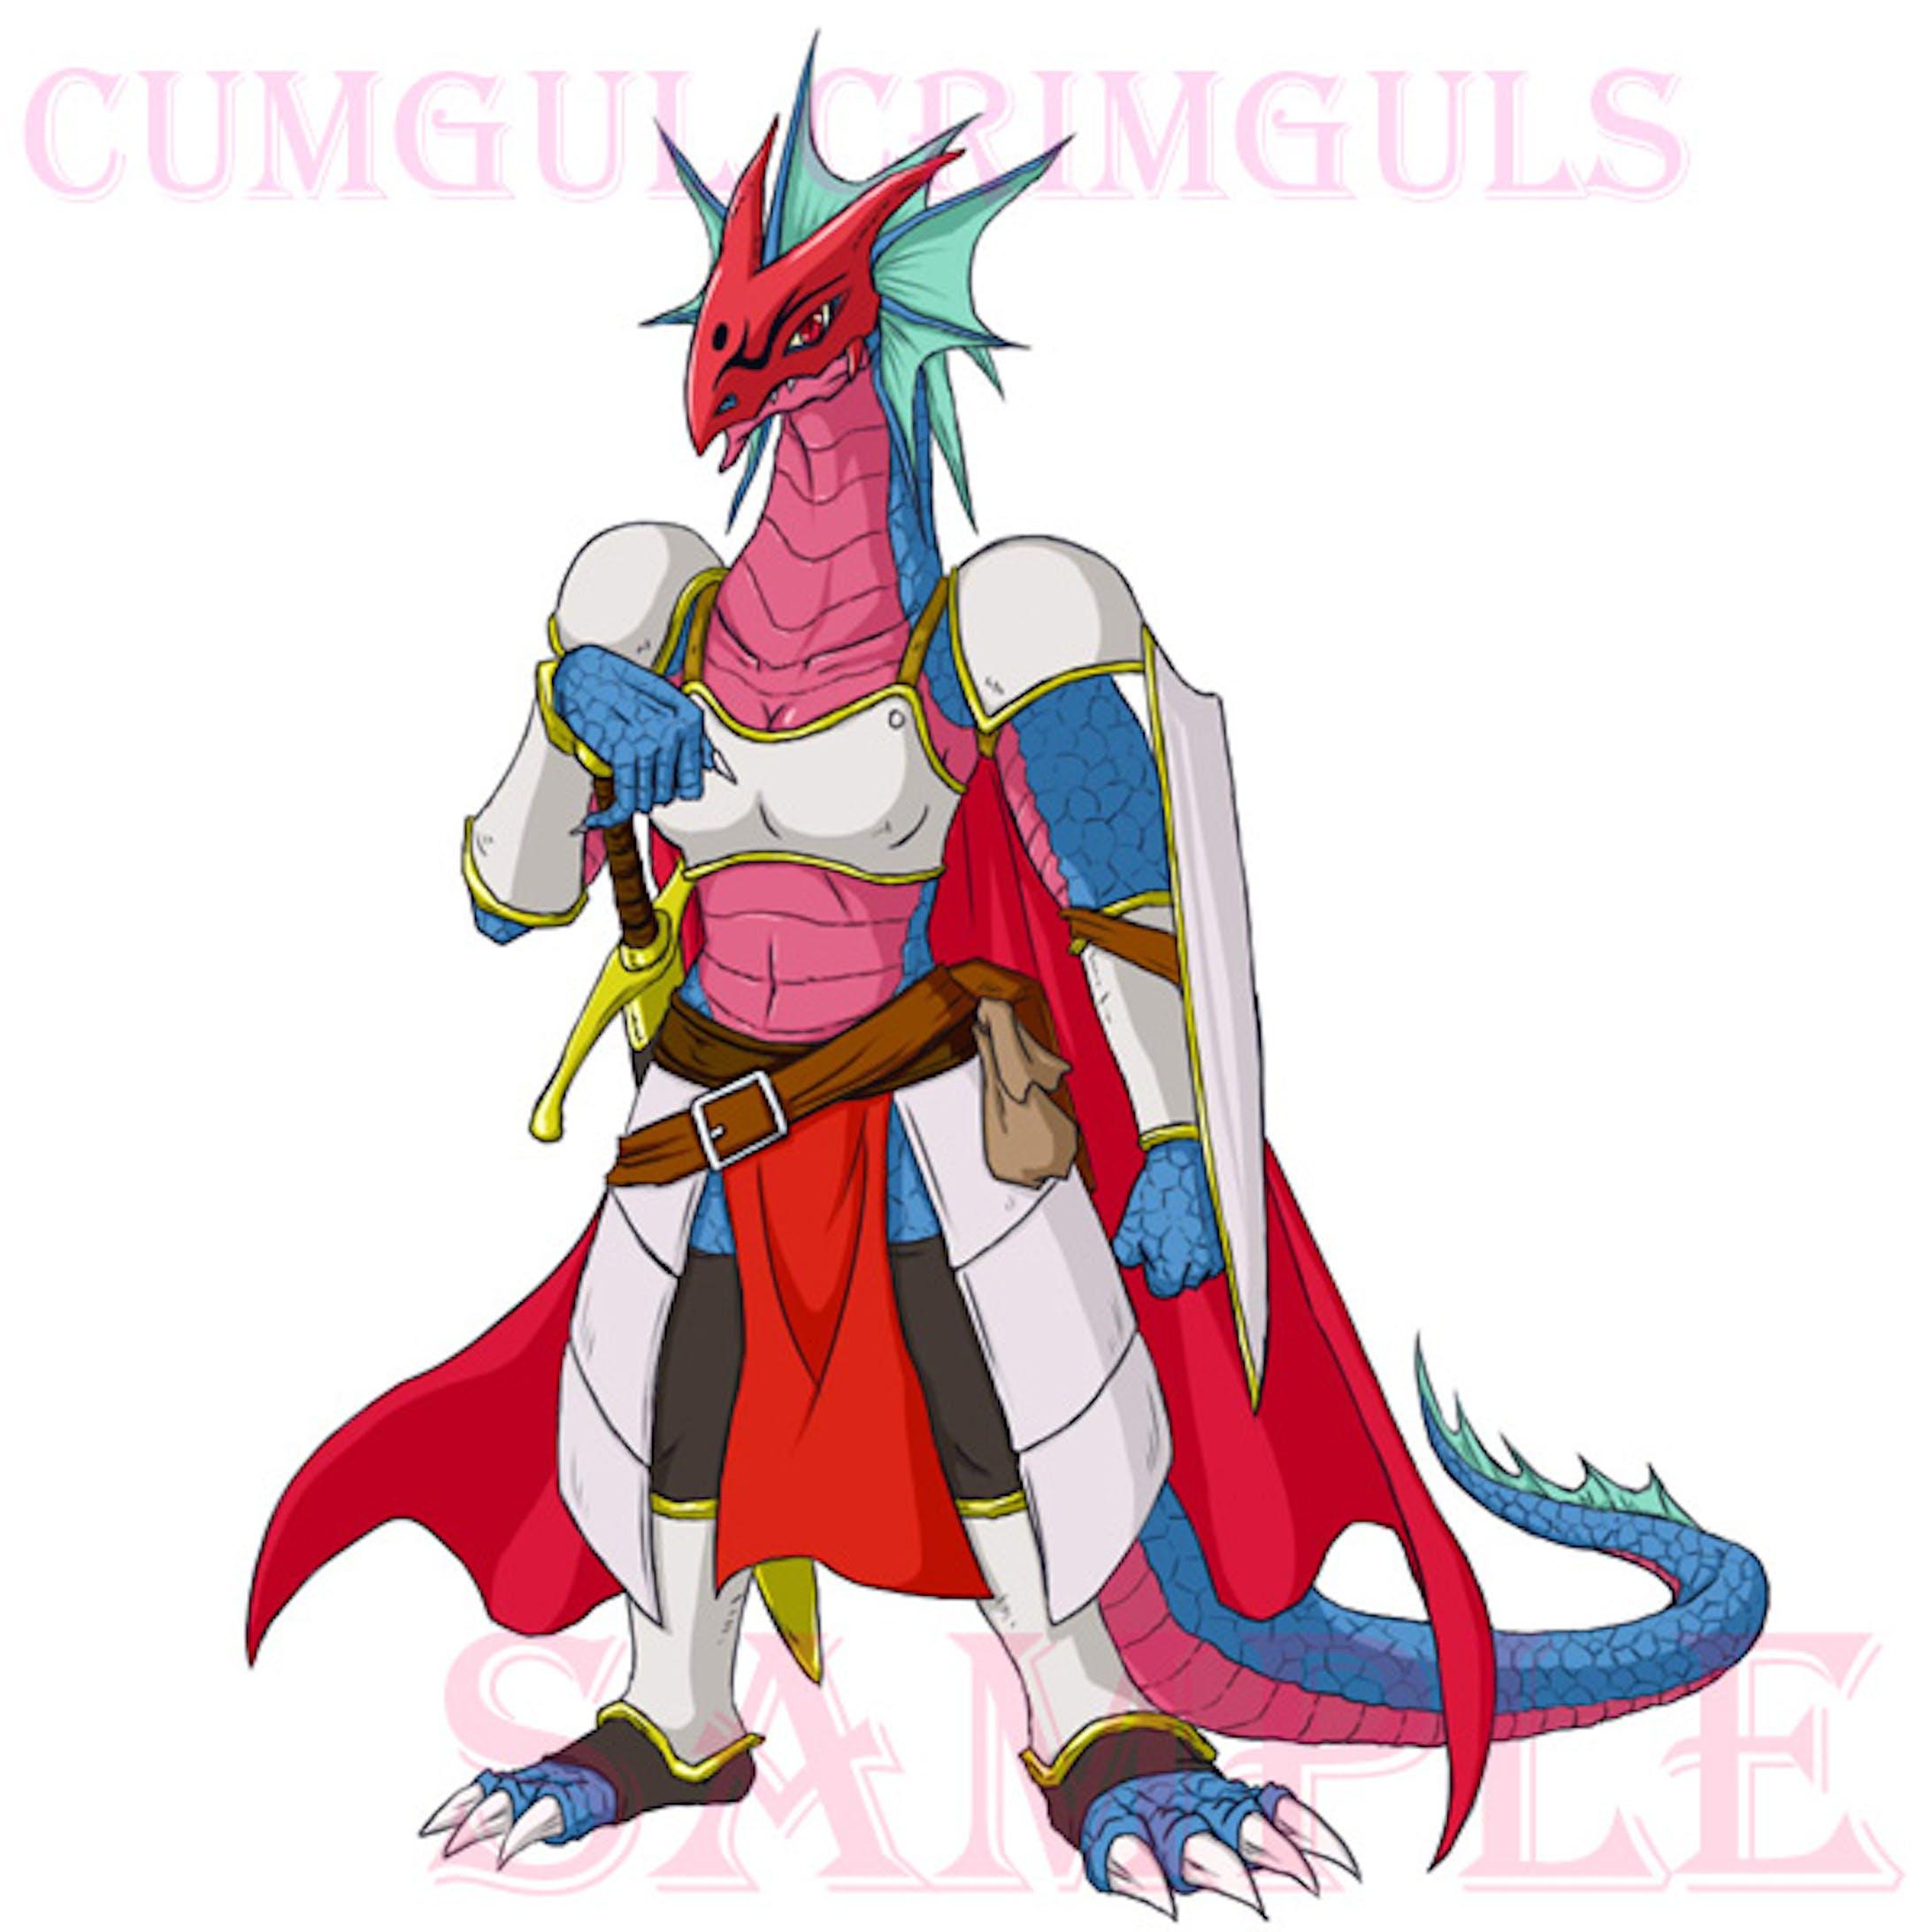 クムガル・クリムガルス-1